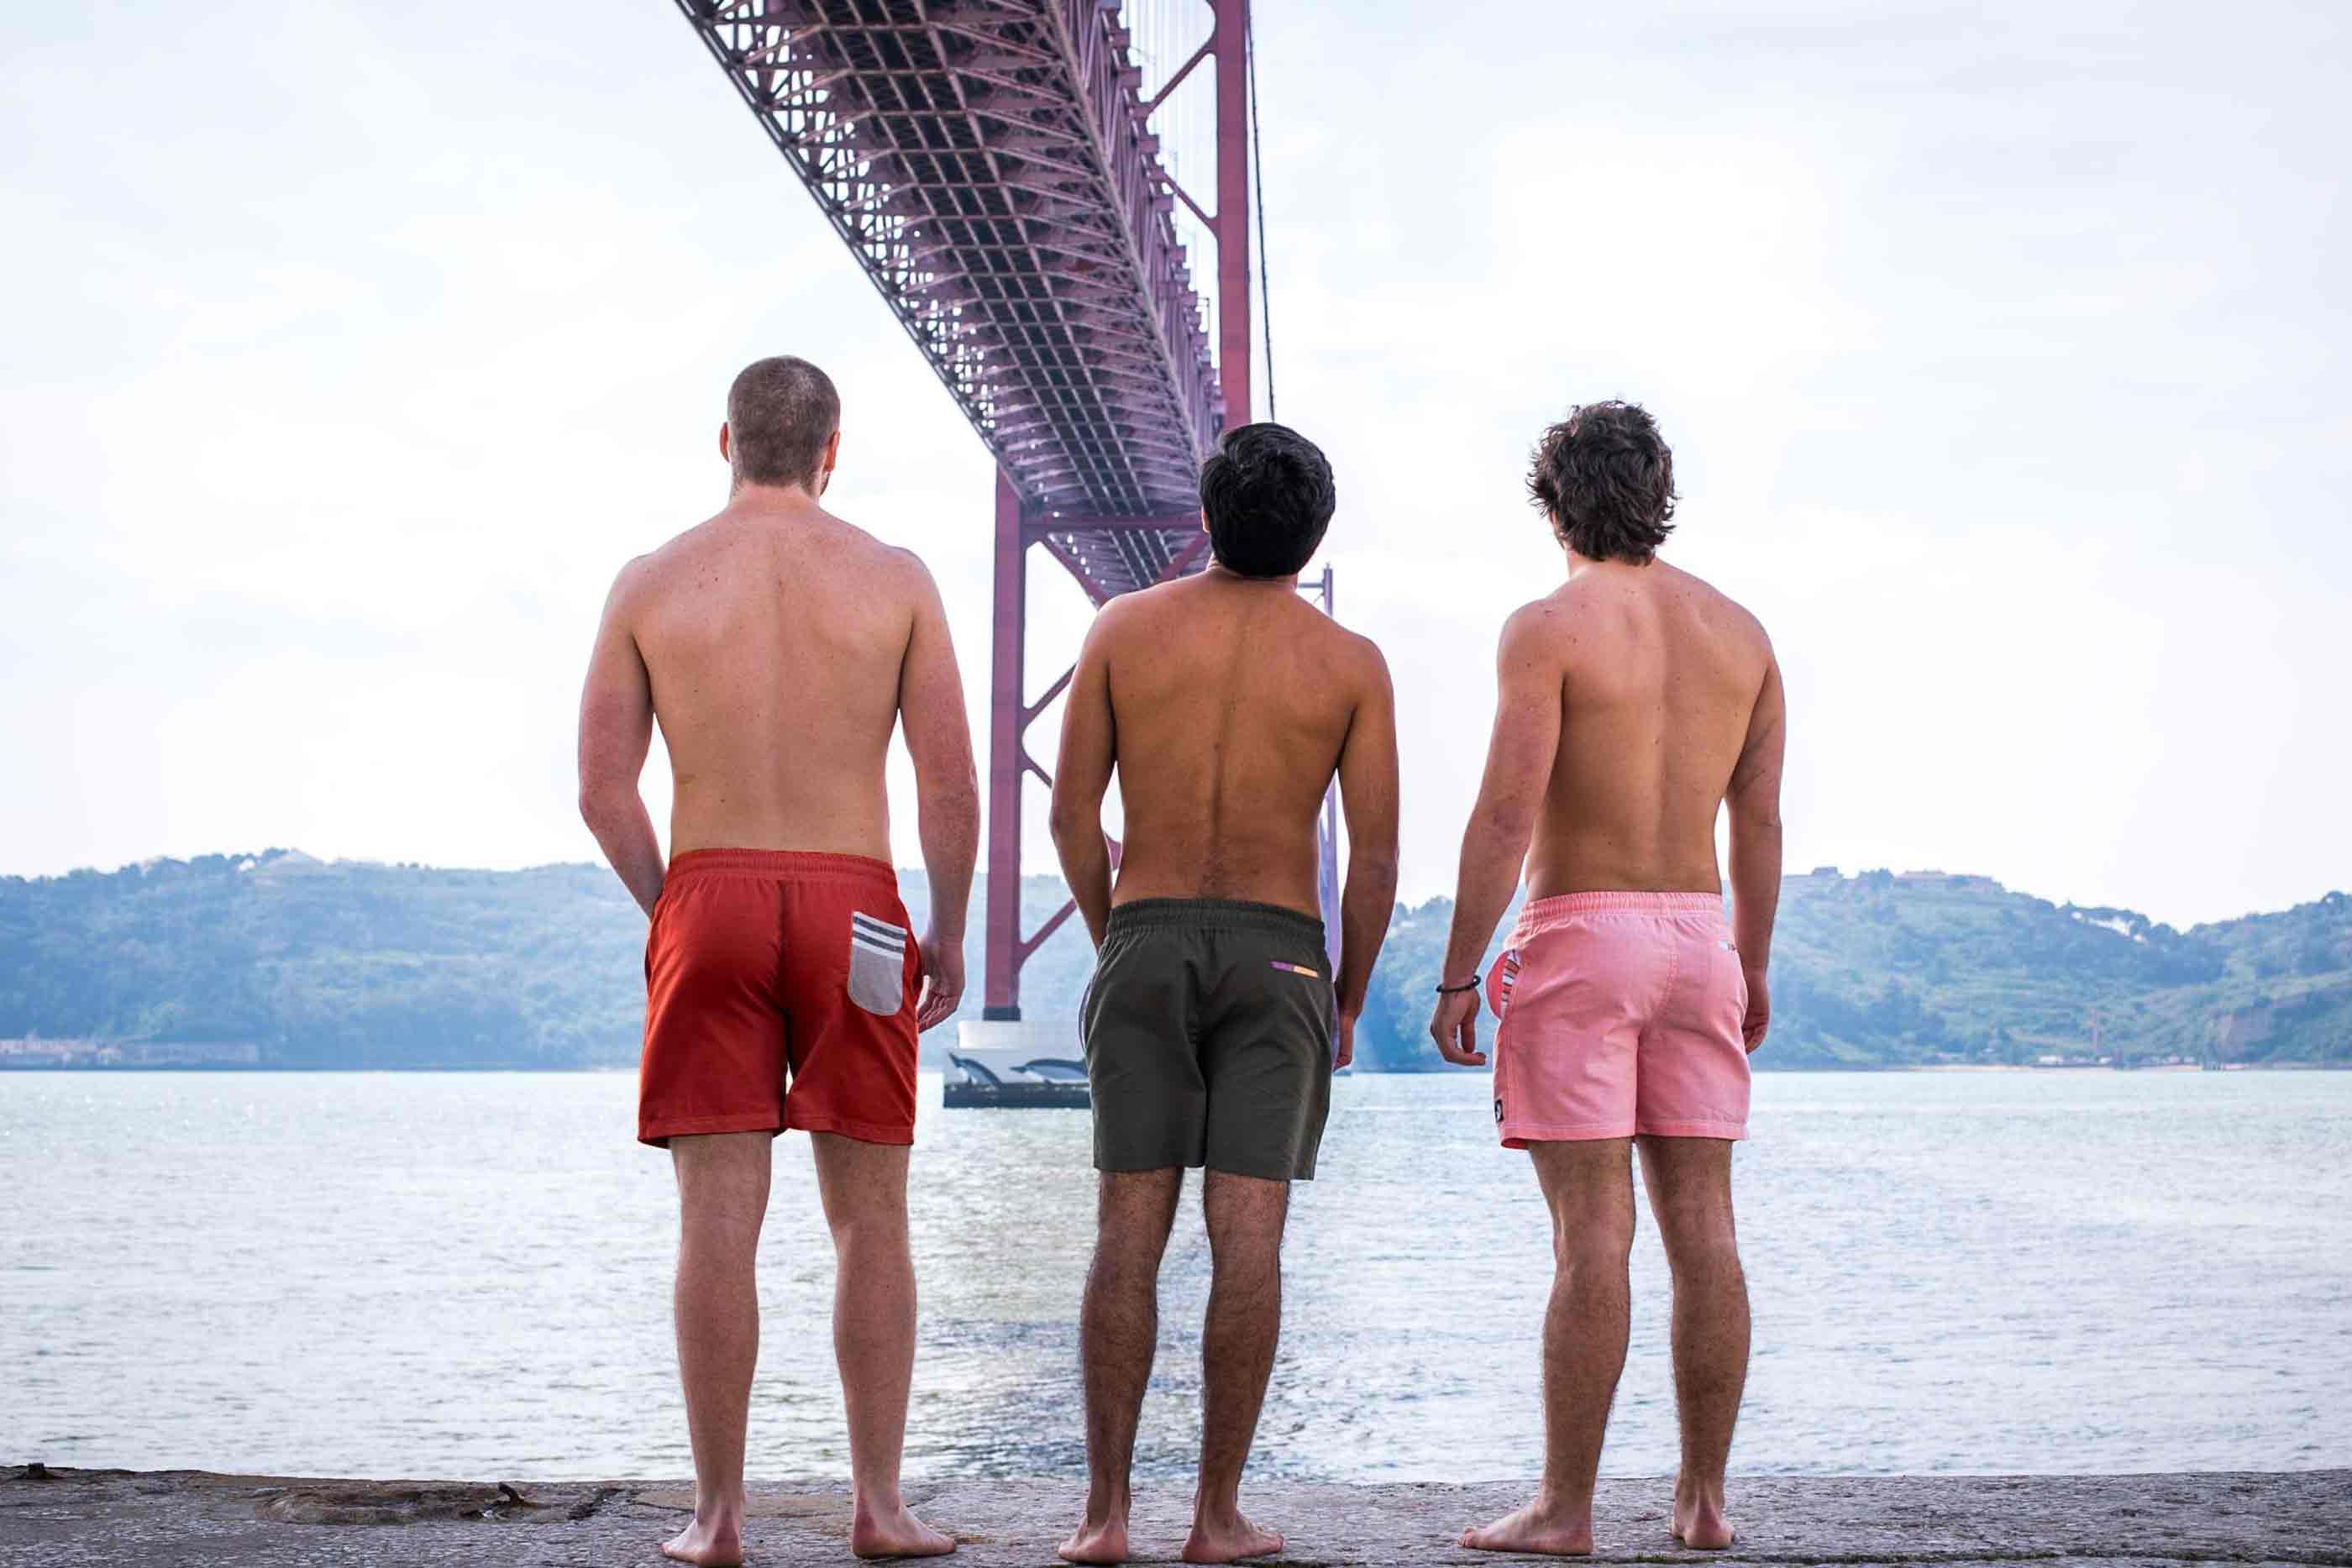 Ao fundo, o mar, colinas e por cima a ponte 25 de abril. Três rapazes de costas com calções de banho de cores diferentes.